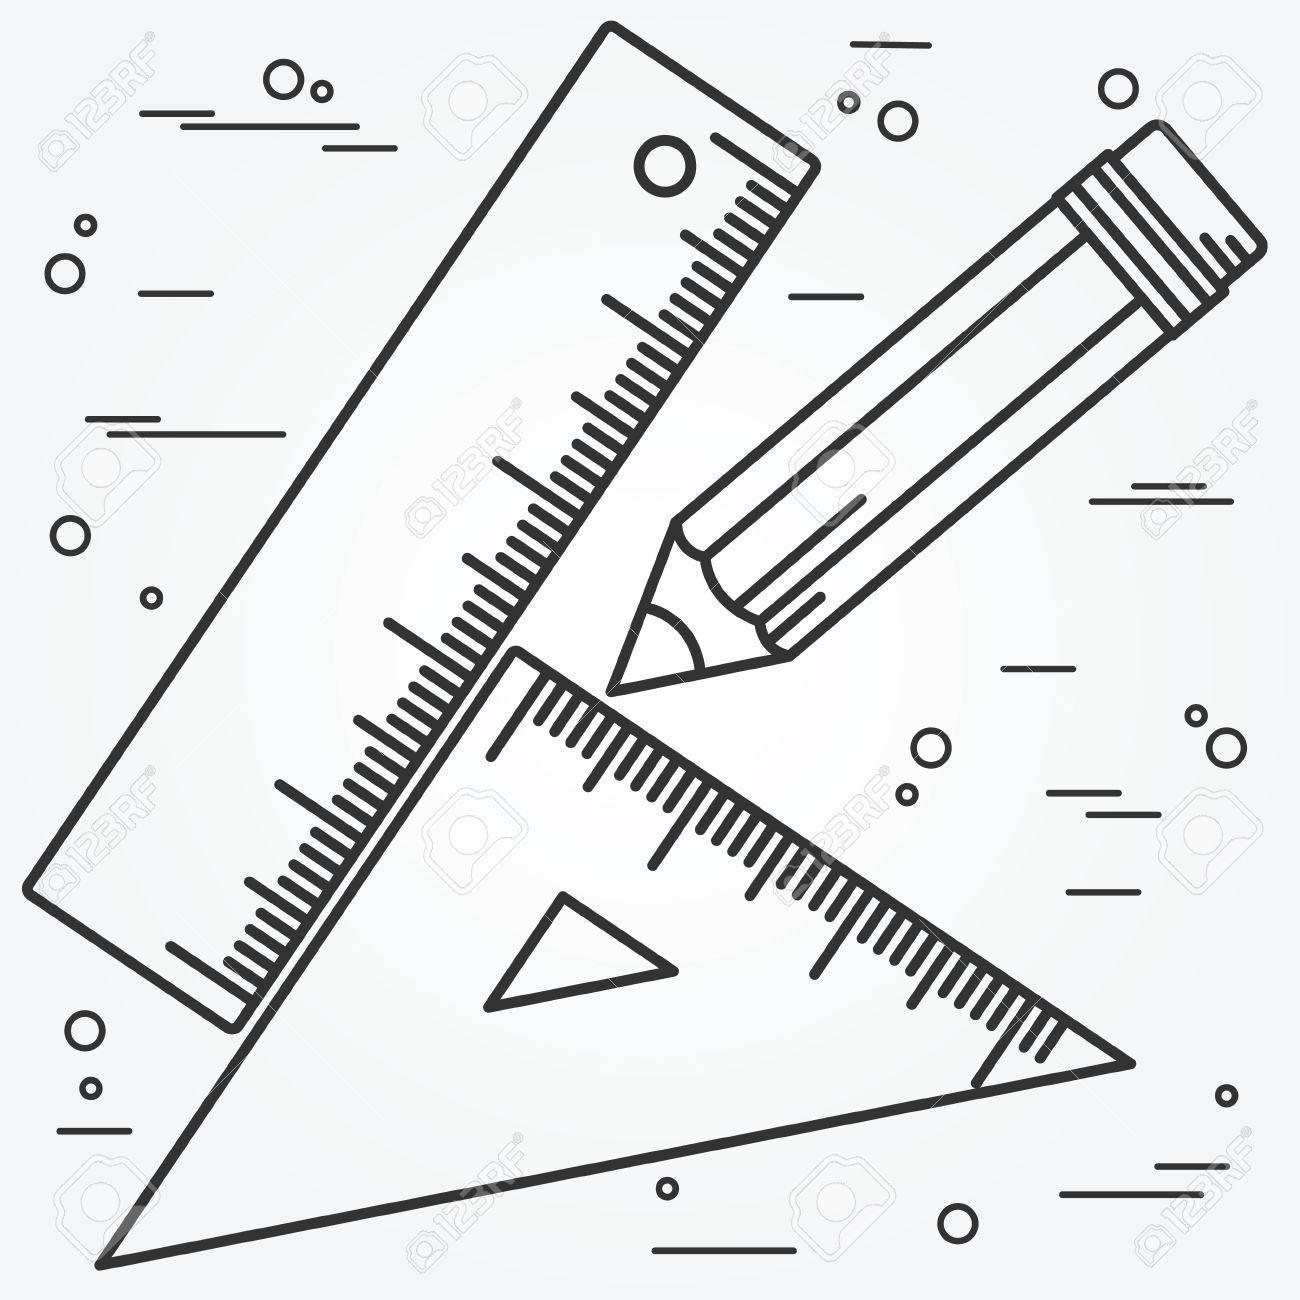 Ruler Drawing At Getdrawings